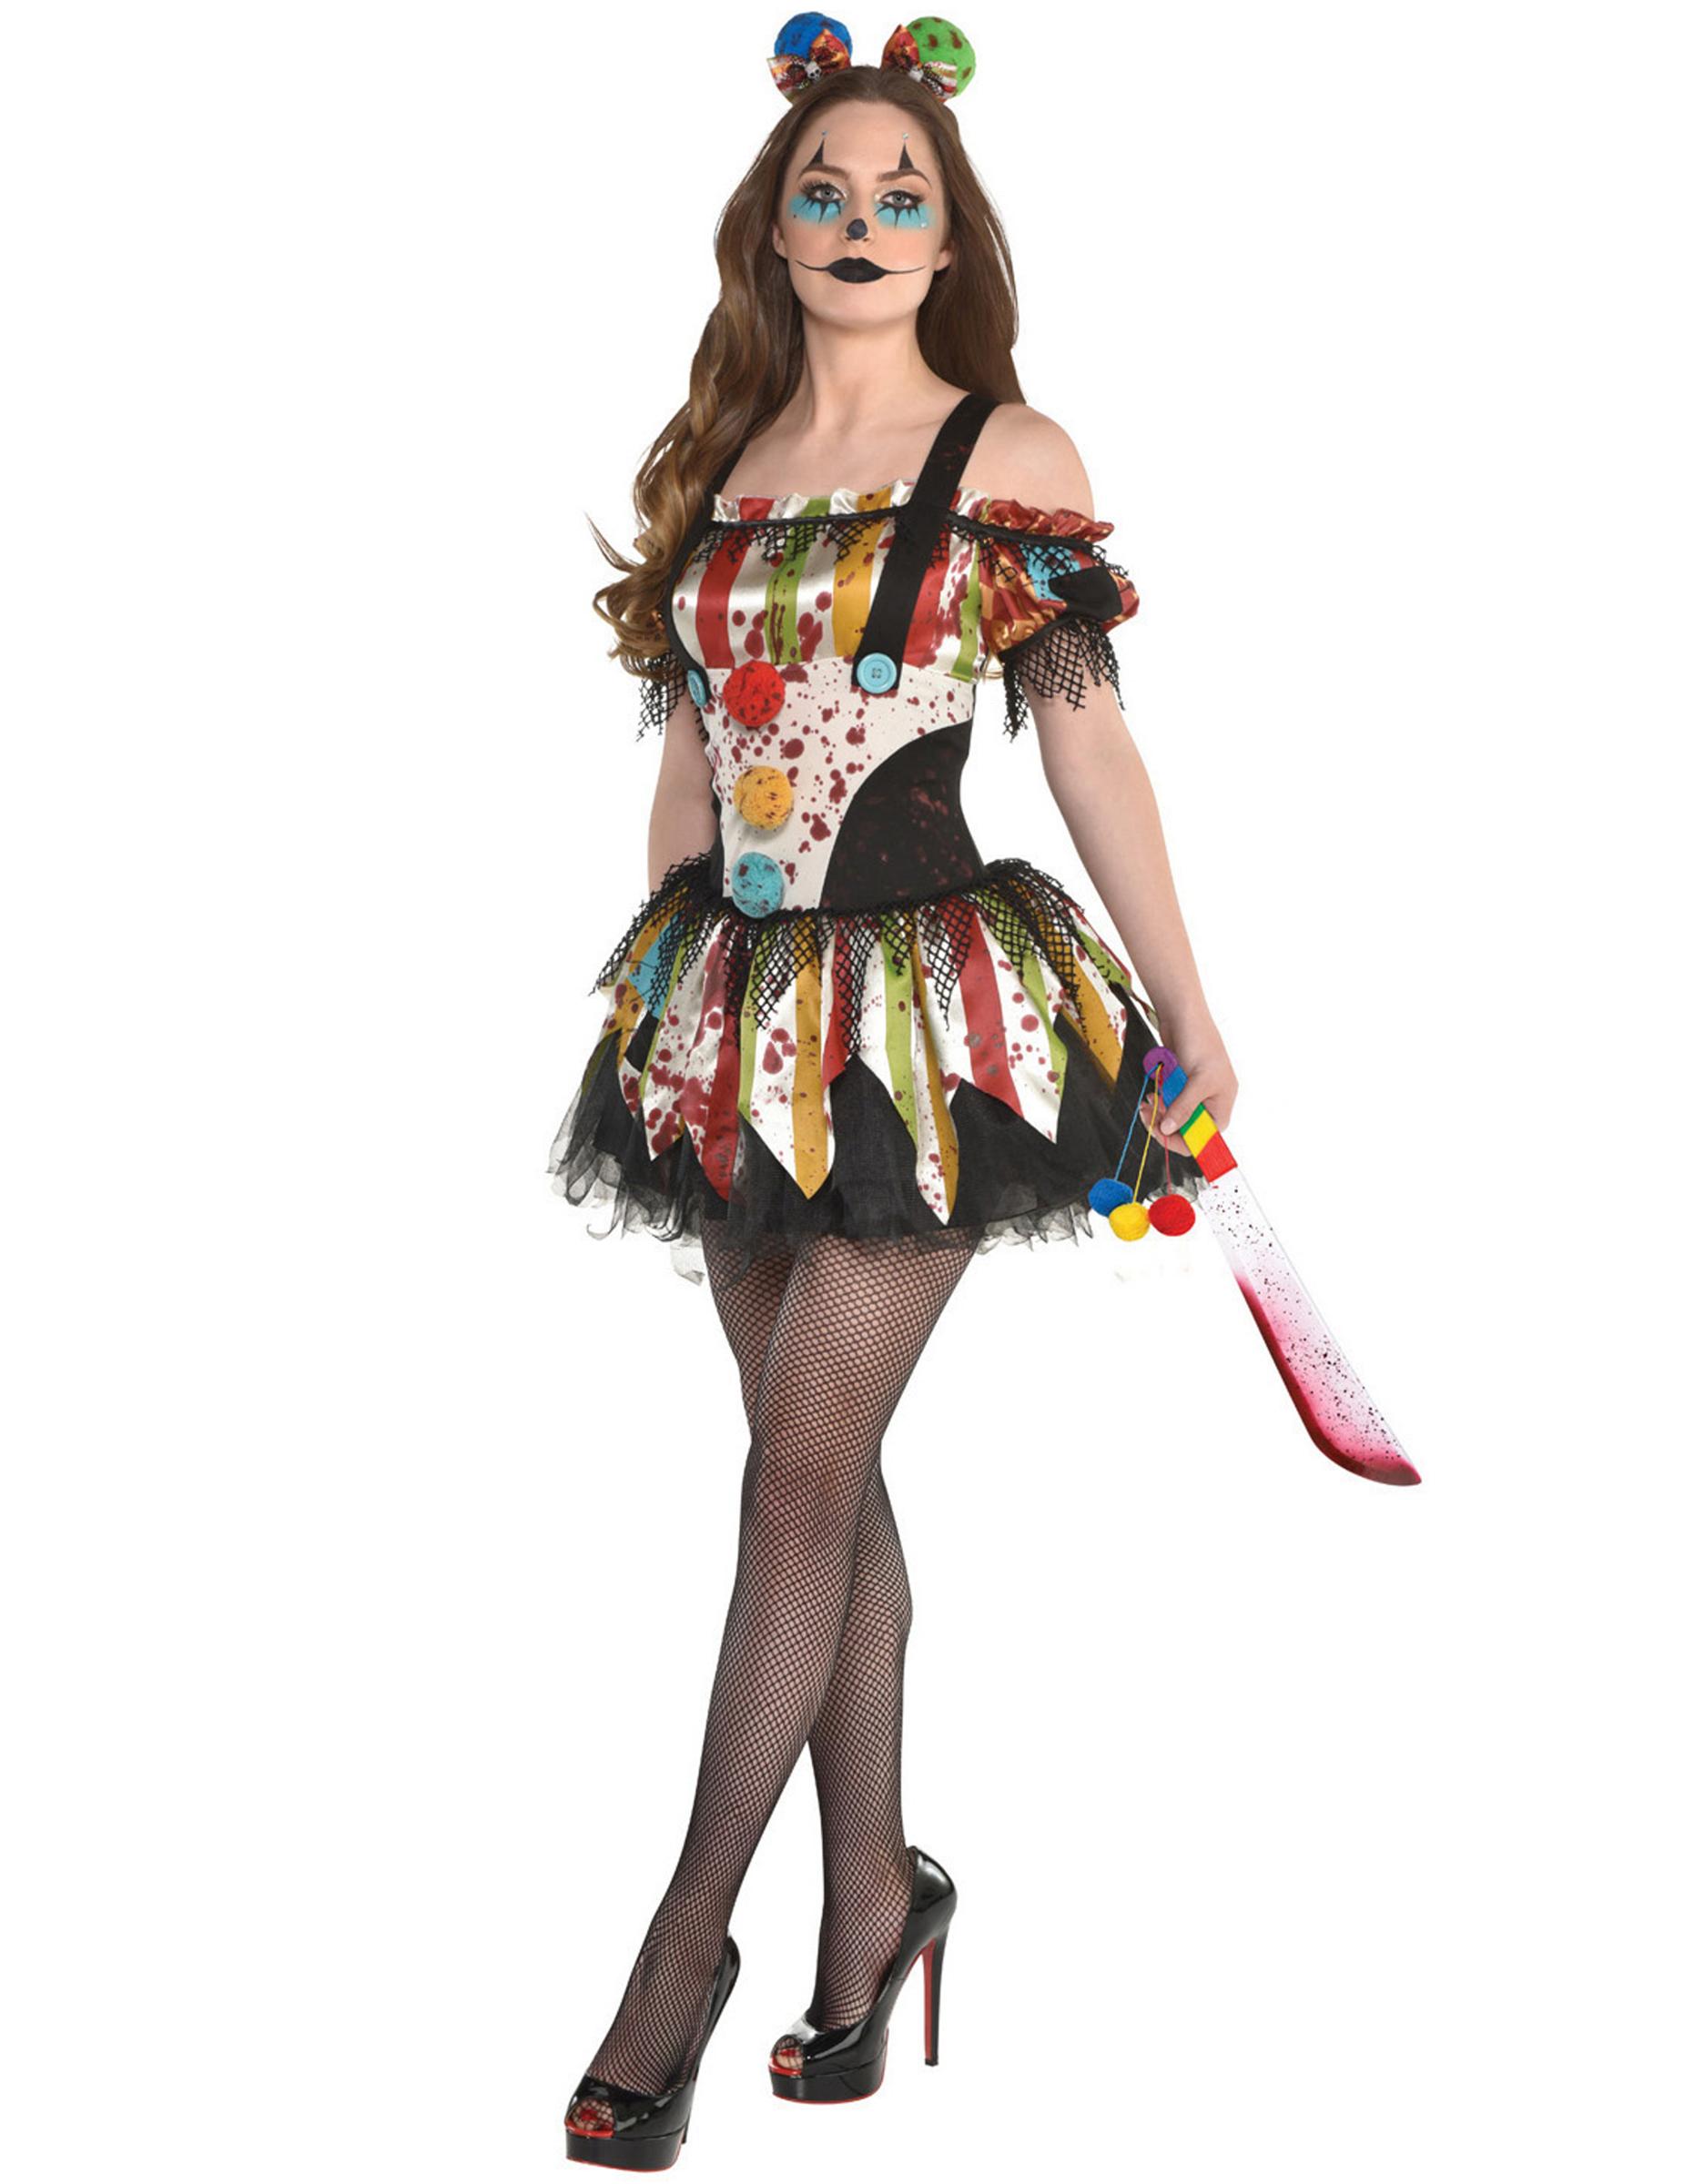 Horrorclown Kostüm für Damen Halloween Kostüm bunt